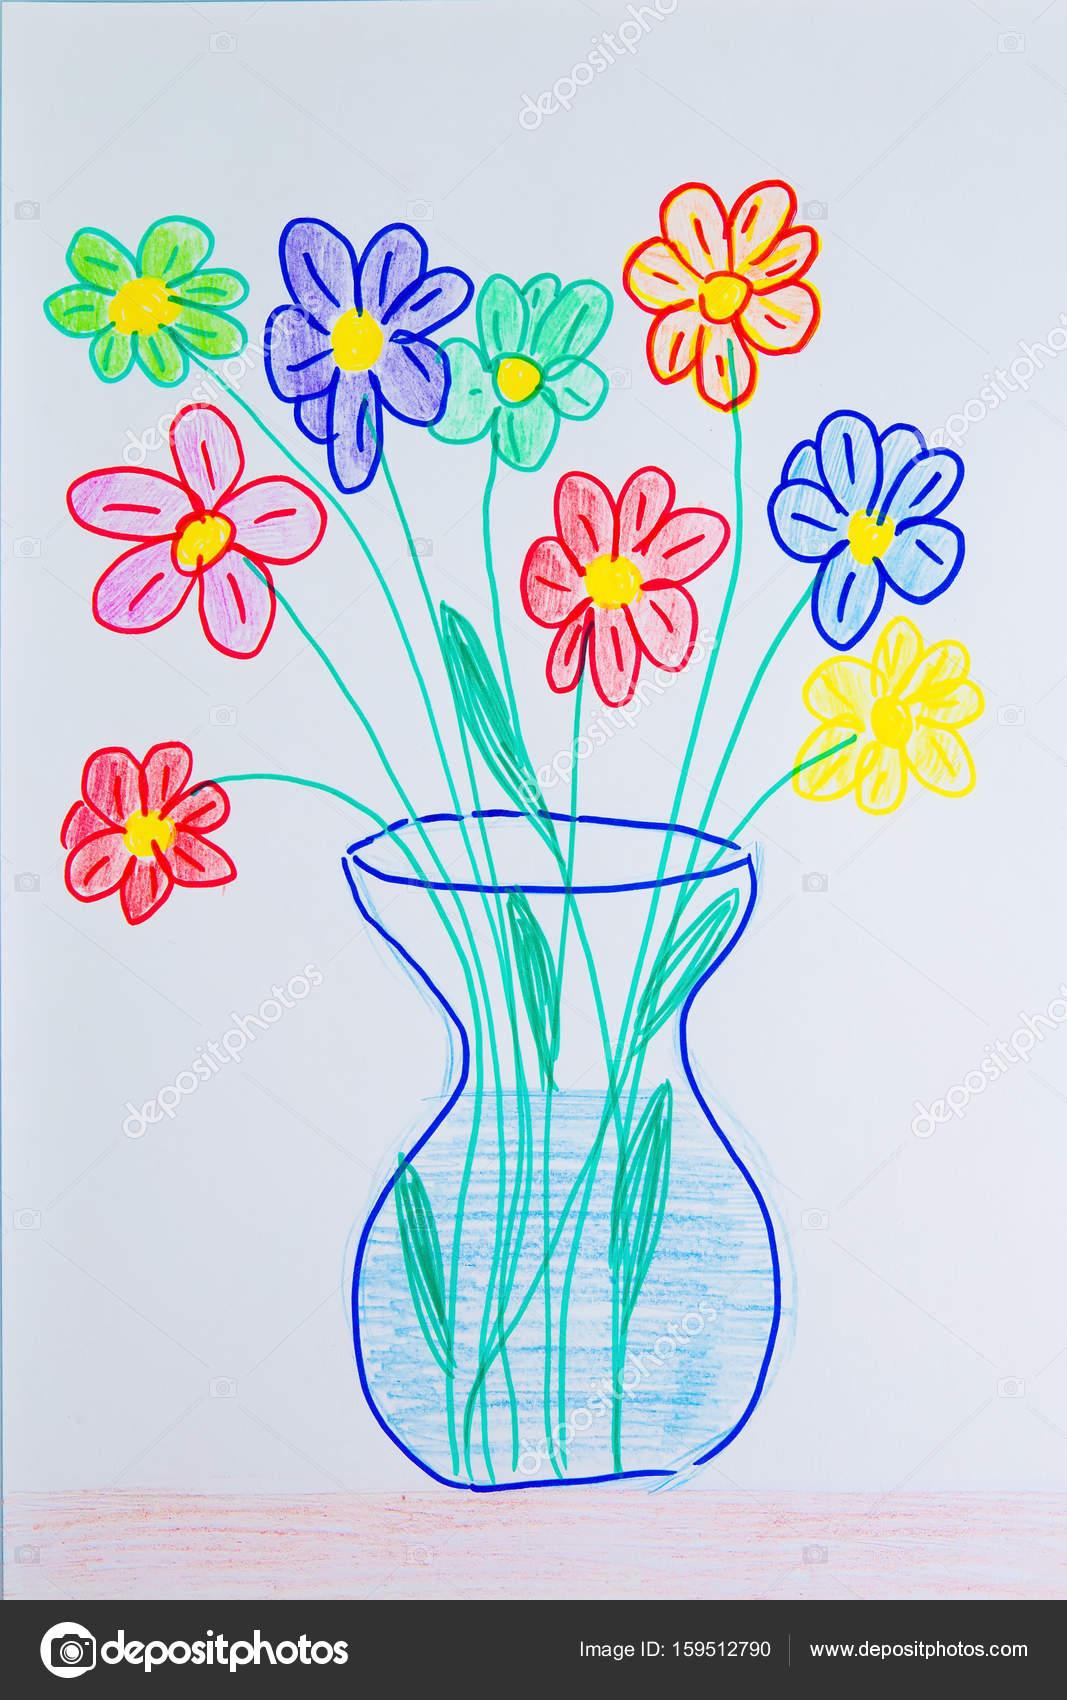 Dessin De L Enfant D Un Vase Avec Des Fleurs Photographie